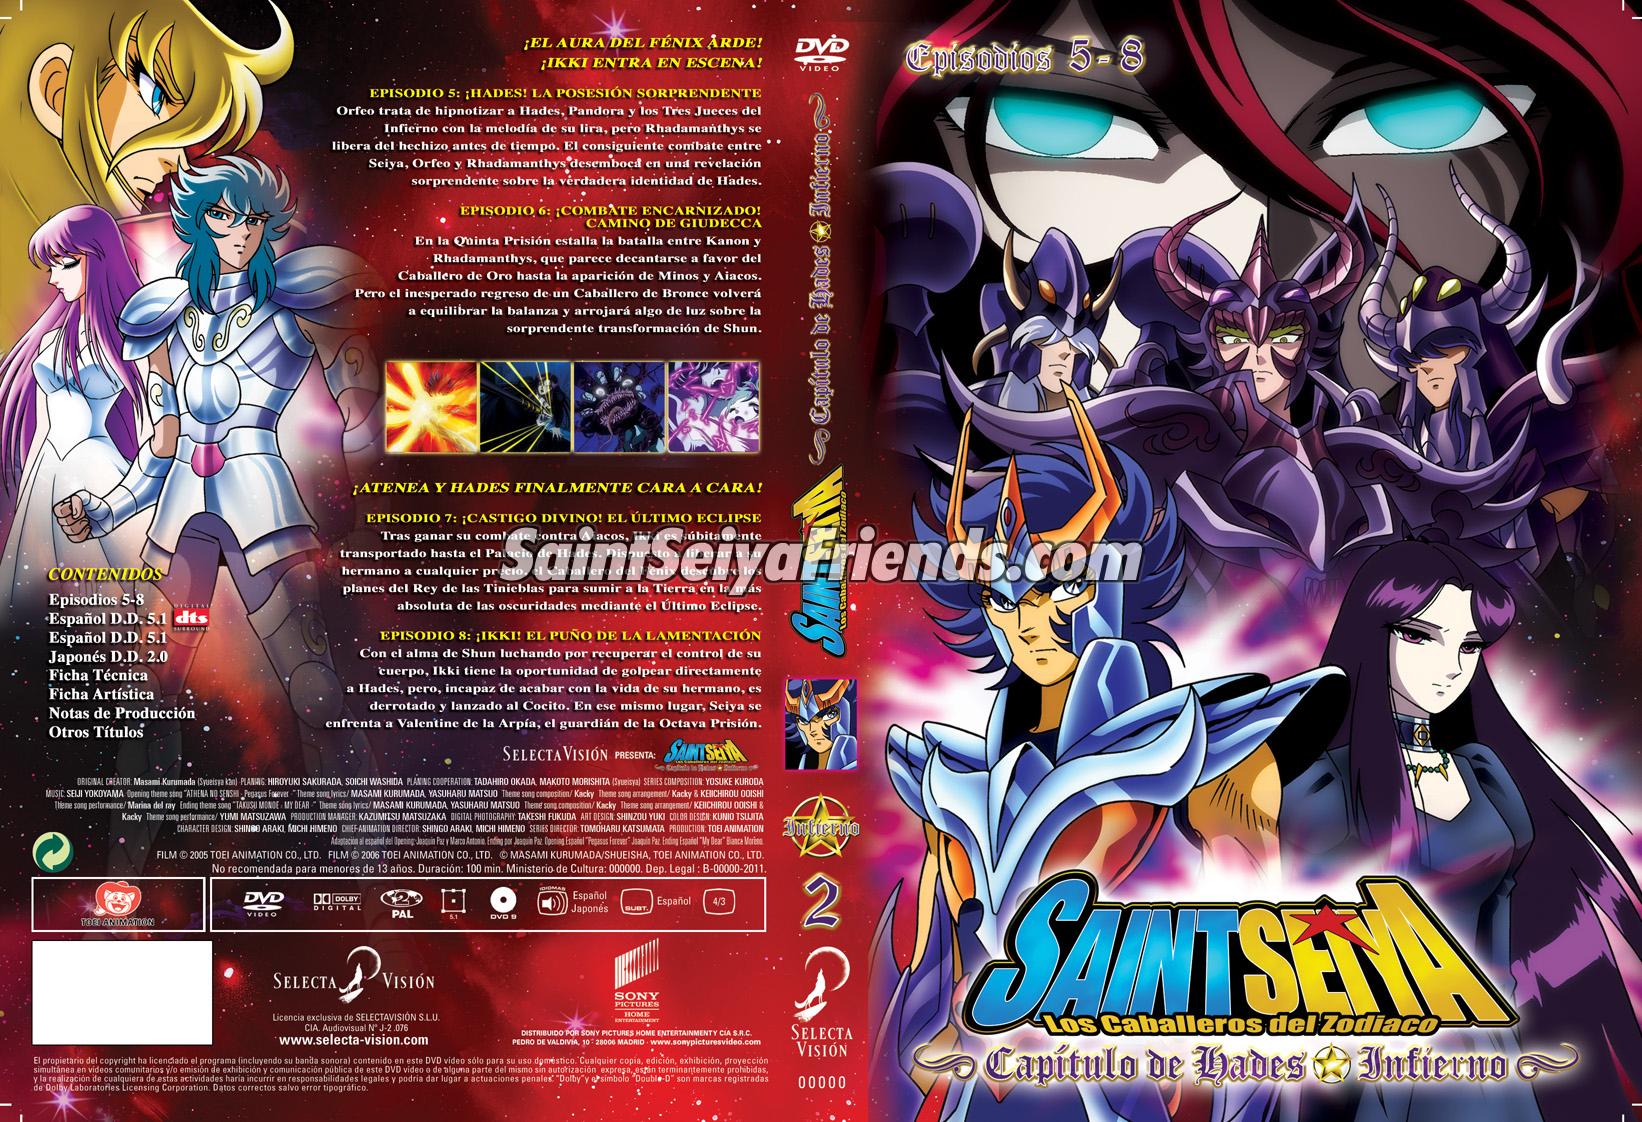 Covers de manga, anime y otros 6153291593_469b394ee1_o